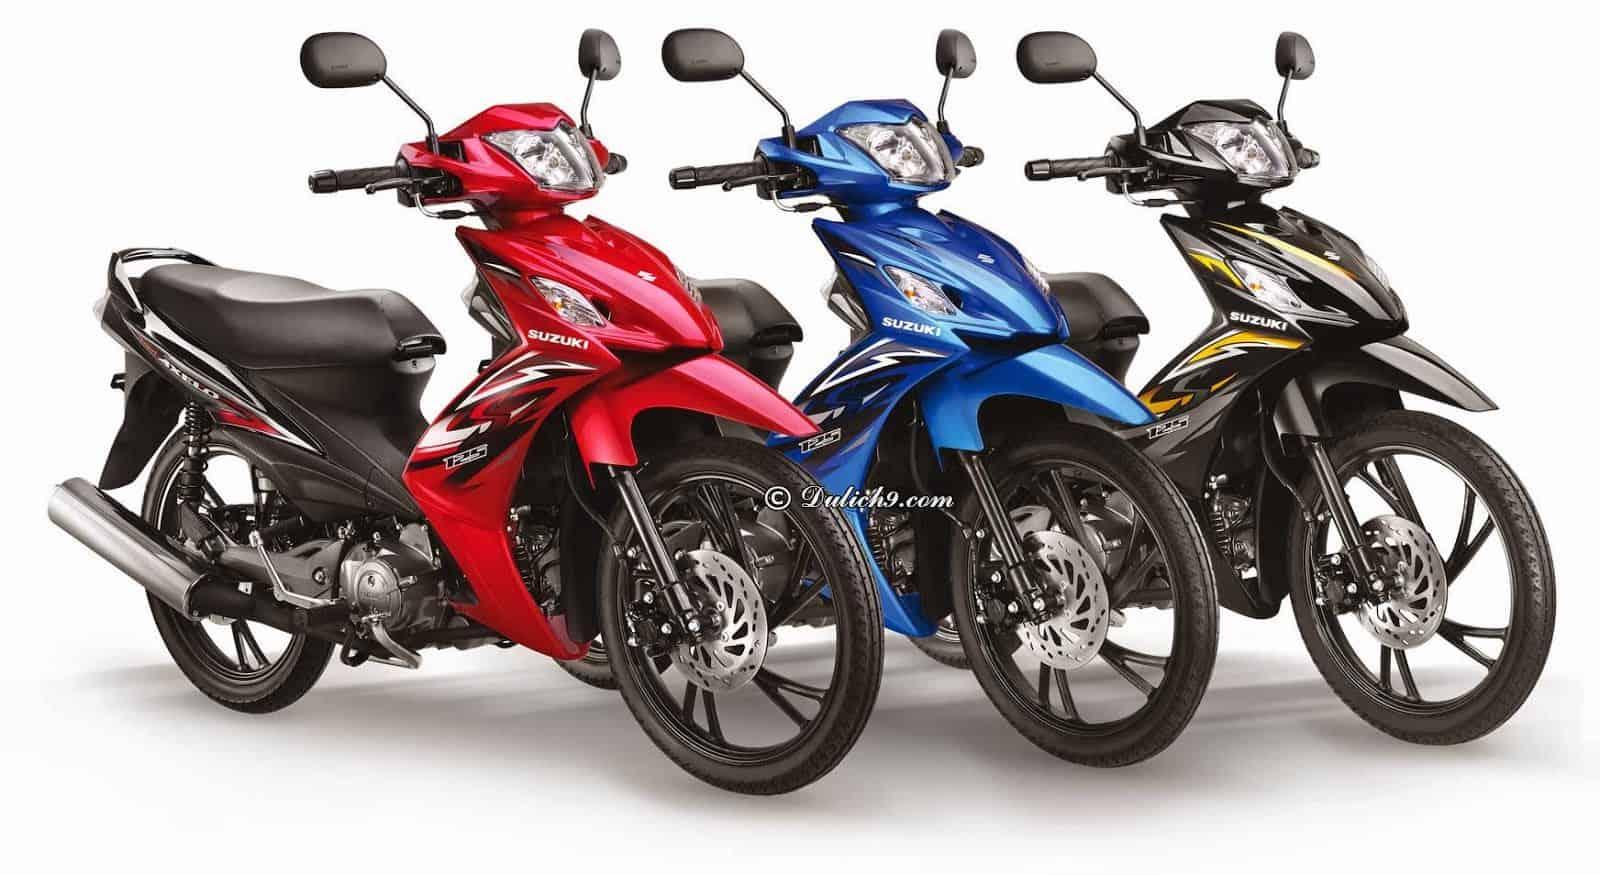 Kinh nghiệm thuê xe máy ở Nha Trang uy tín, giá rẻ: Thuê xe máy ở đâu Nha Trang?